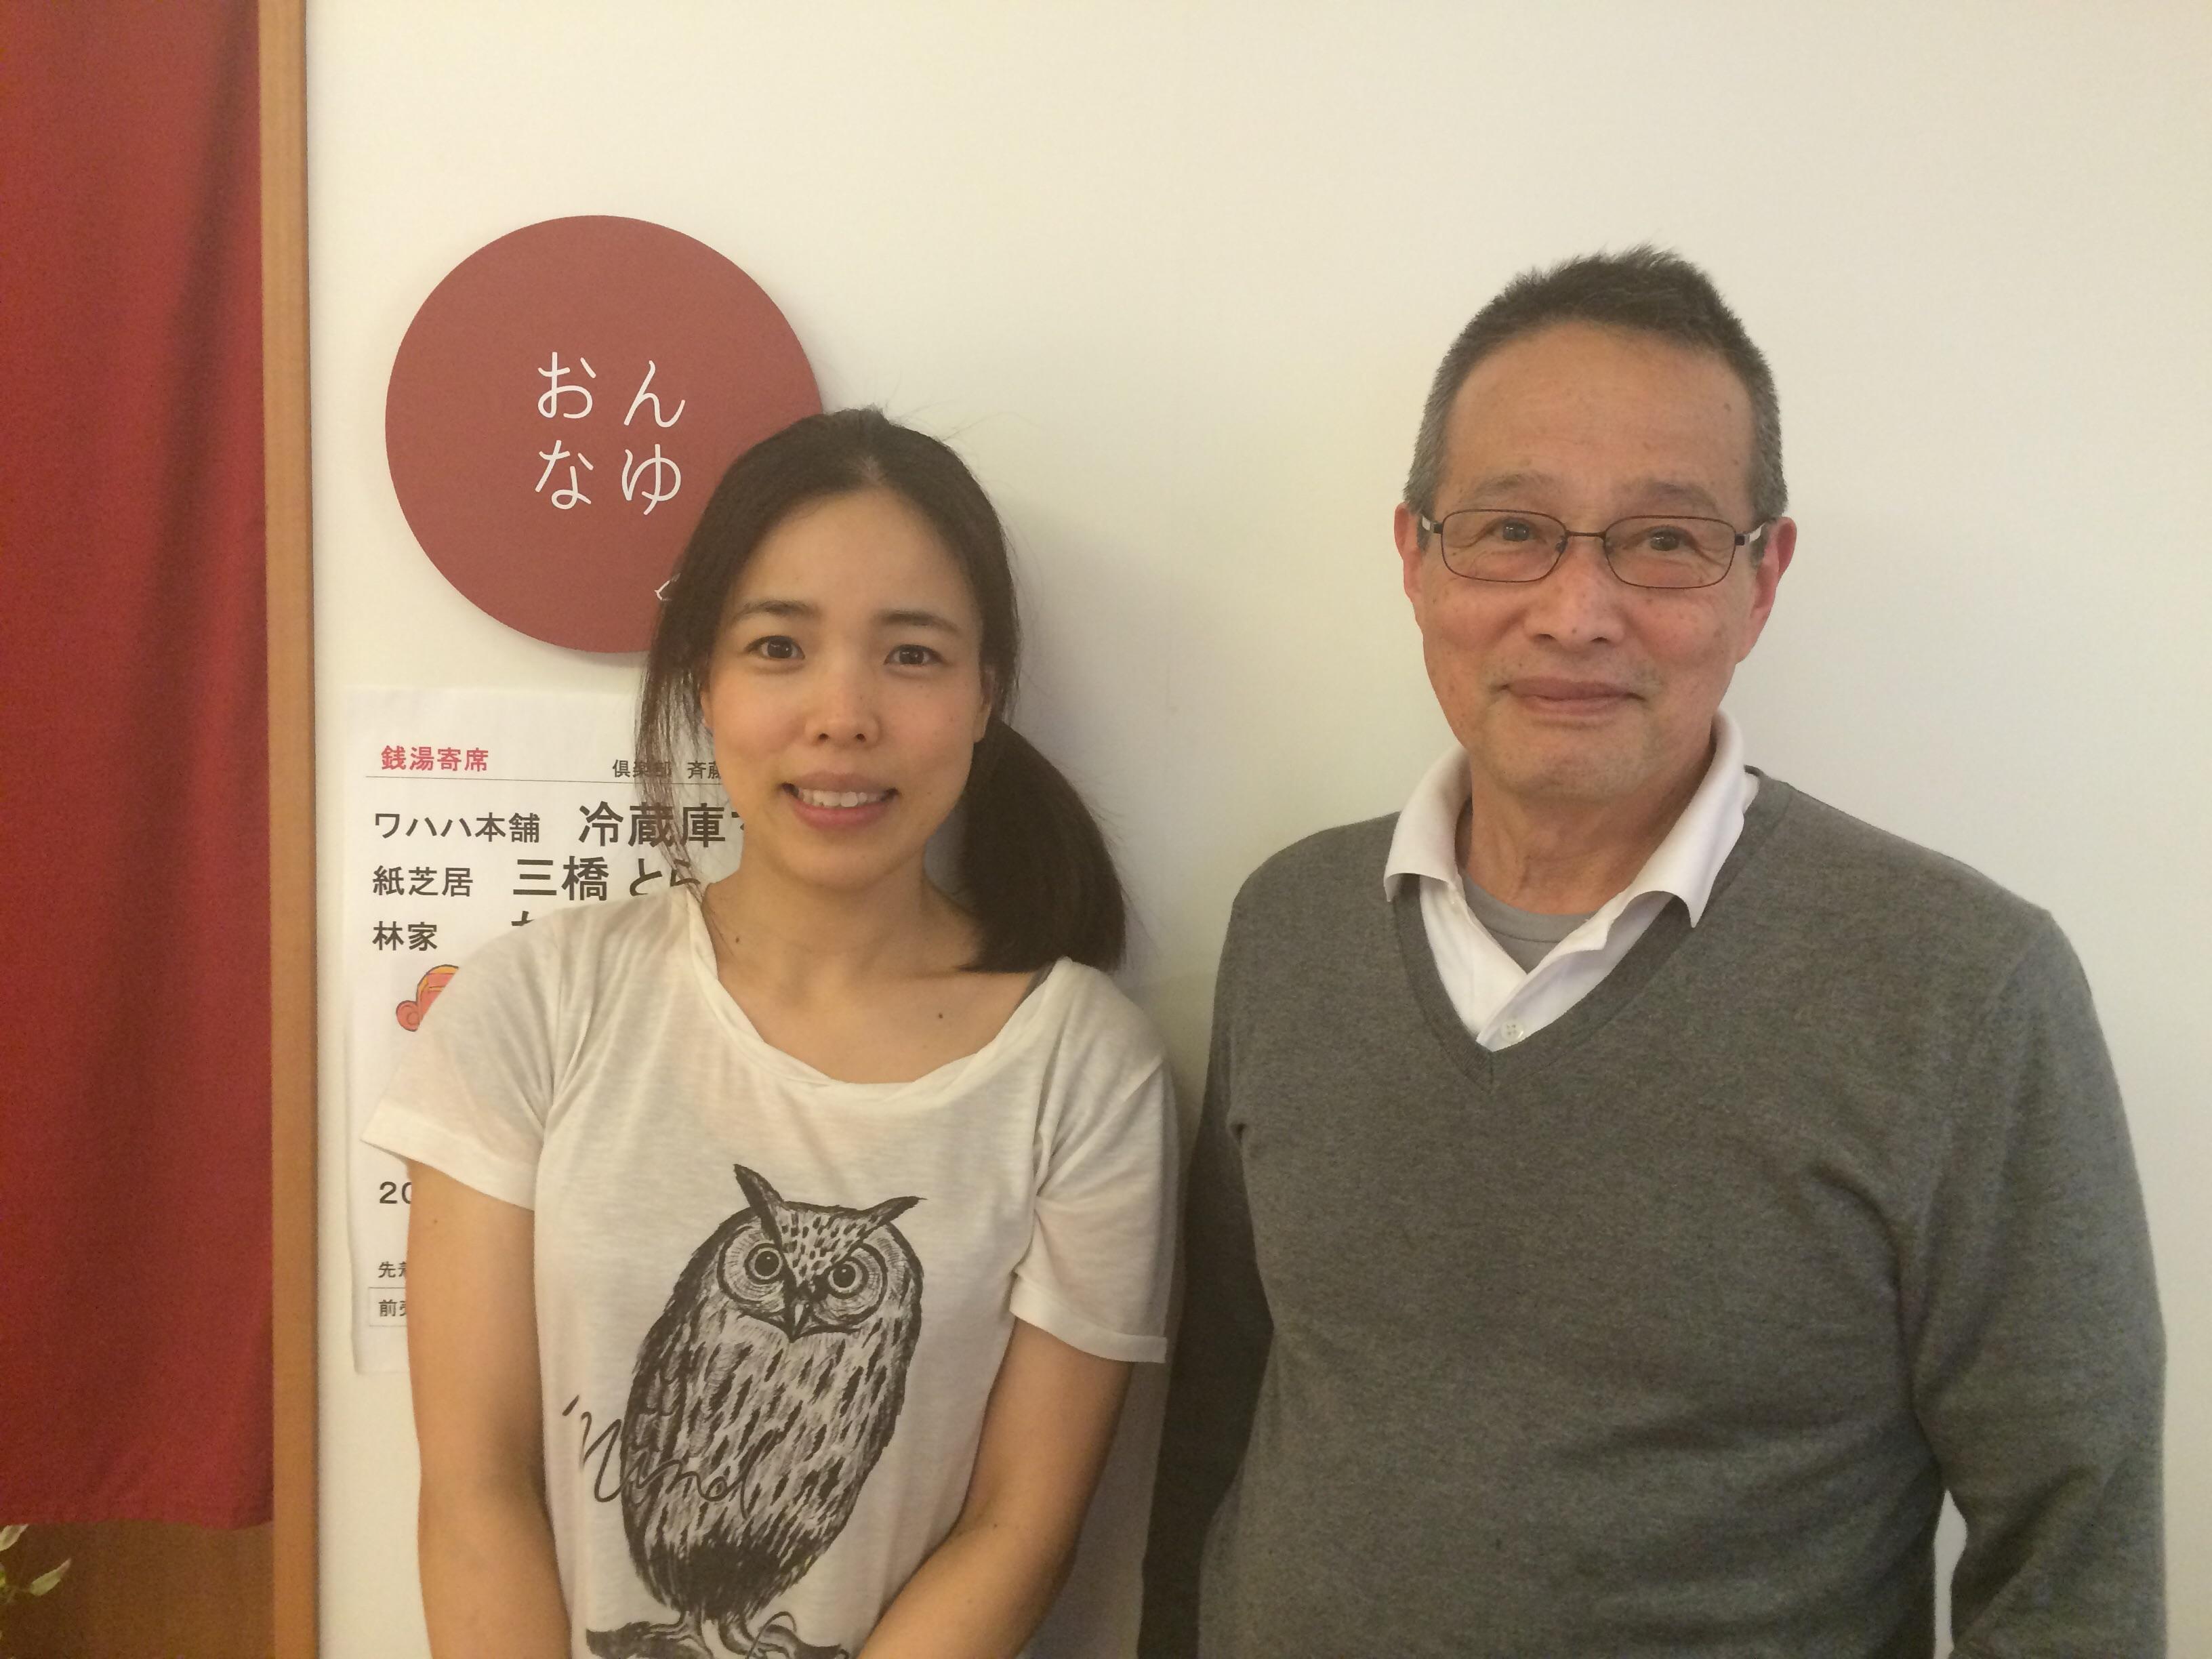 http://www.saito-yu.com/blog/491e05e9b2aa9599dfdd48a8a0d8508e4d8fb190.jpg